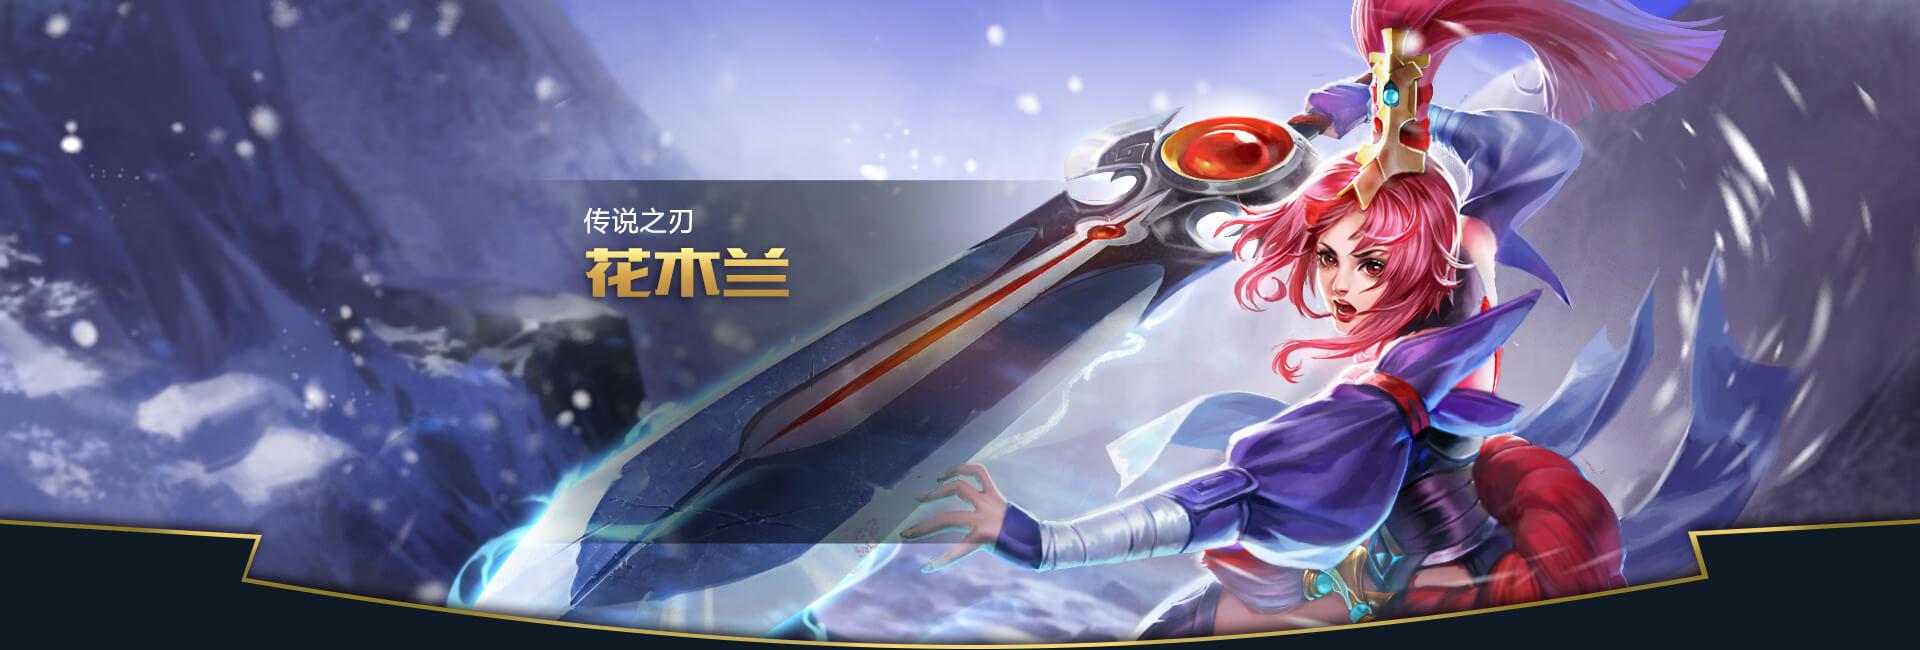 第2弹《王者荣耀英雄皮肤CG》竞技游戏75